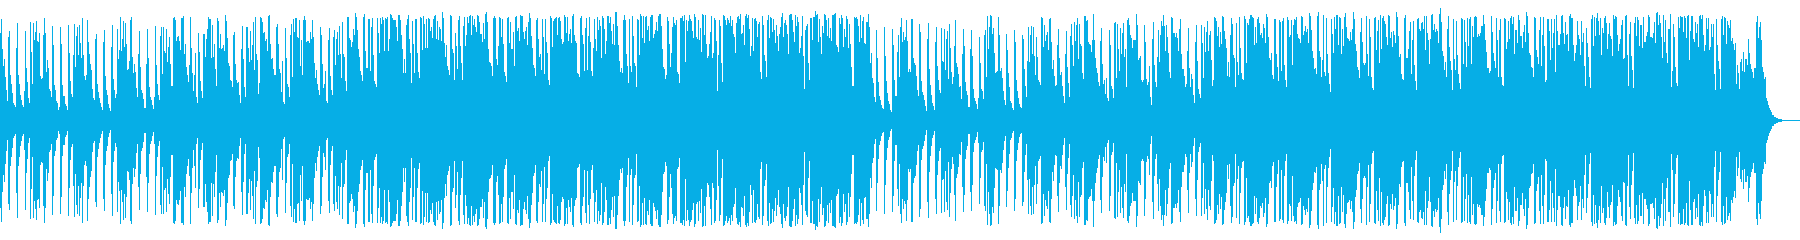 侍の壮絶な戦い 鳴り響く和太鼓と三味線の再生済みの波形